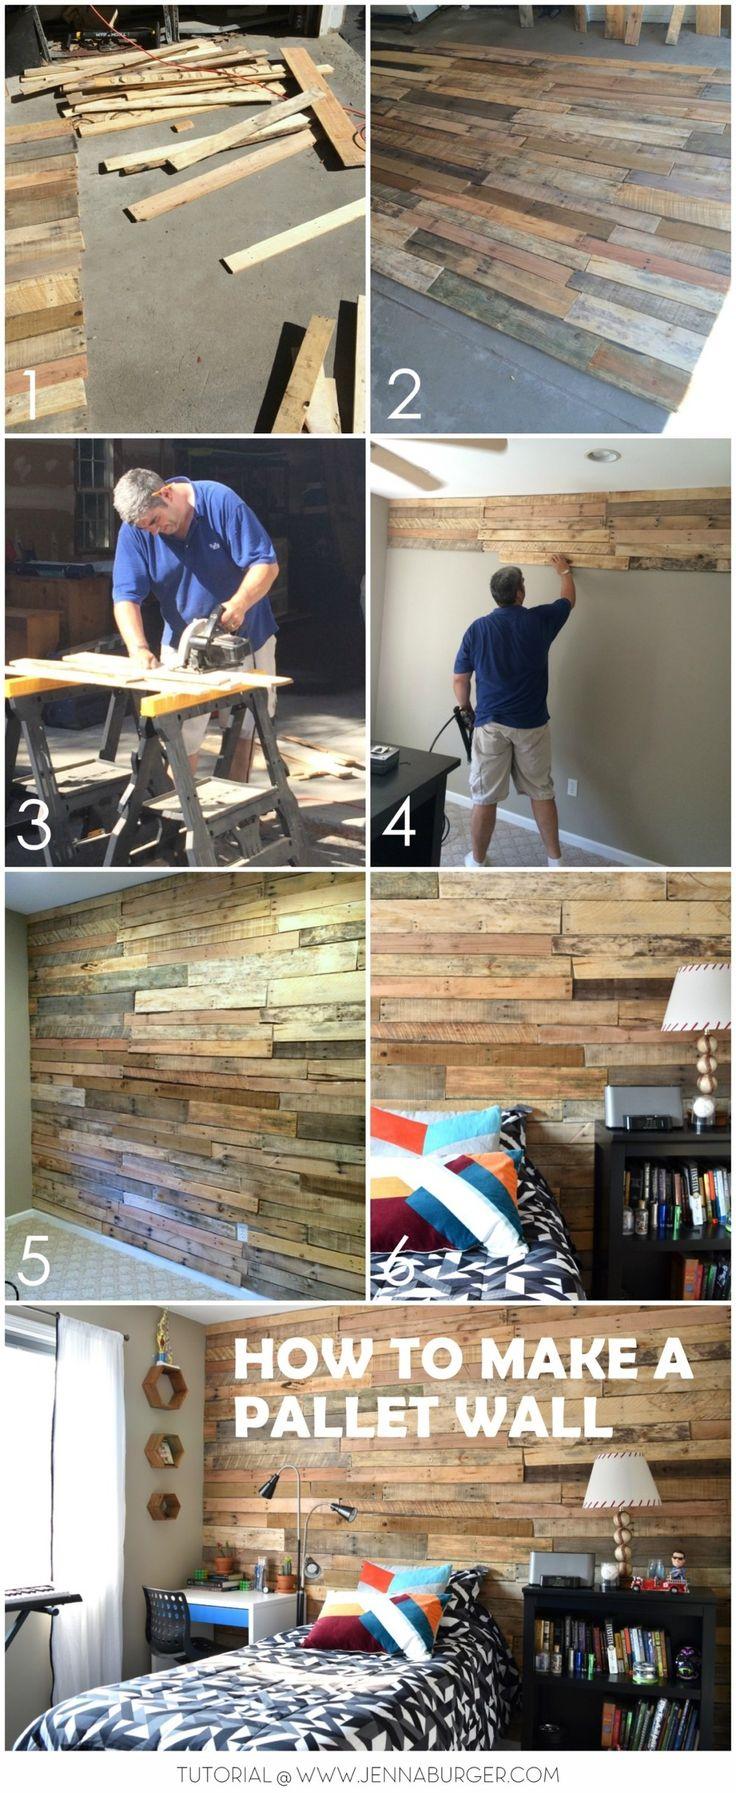 Modern Rustic Teen Room DIY Pallet Wall